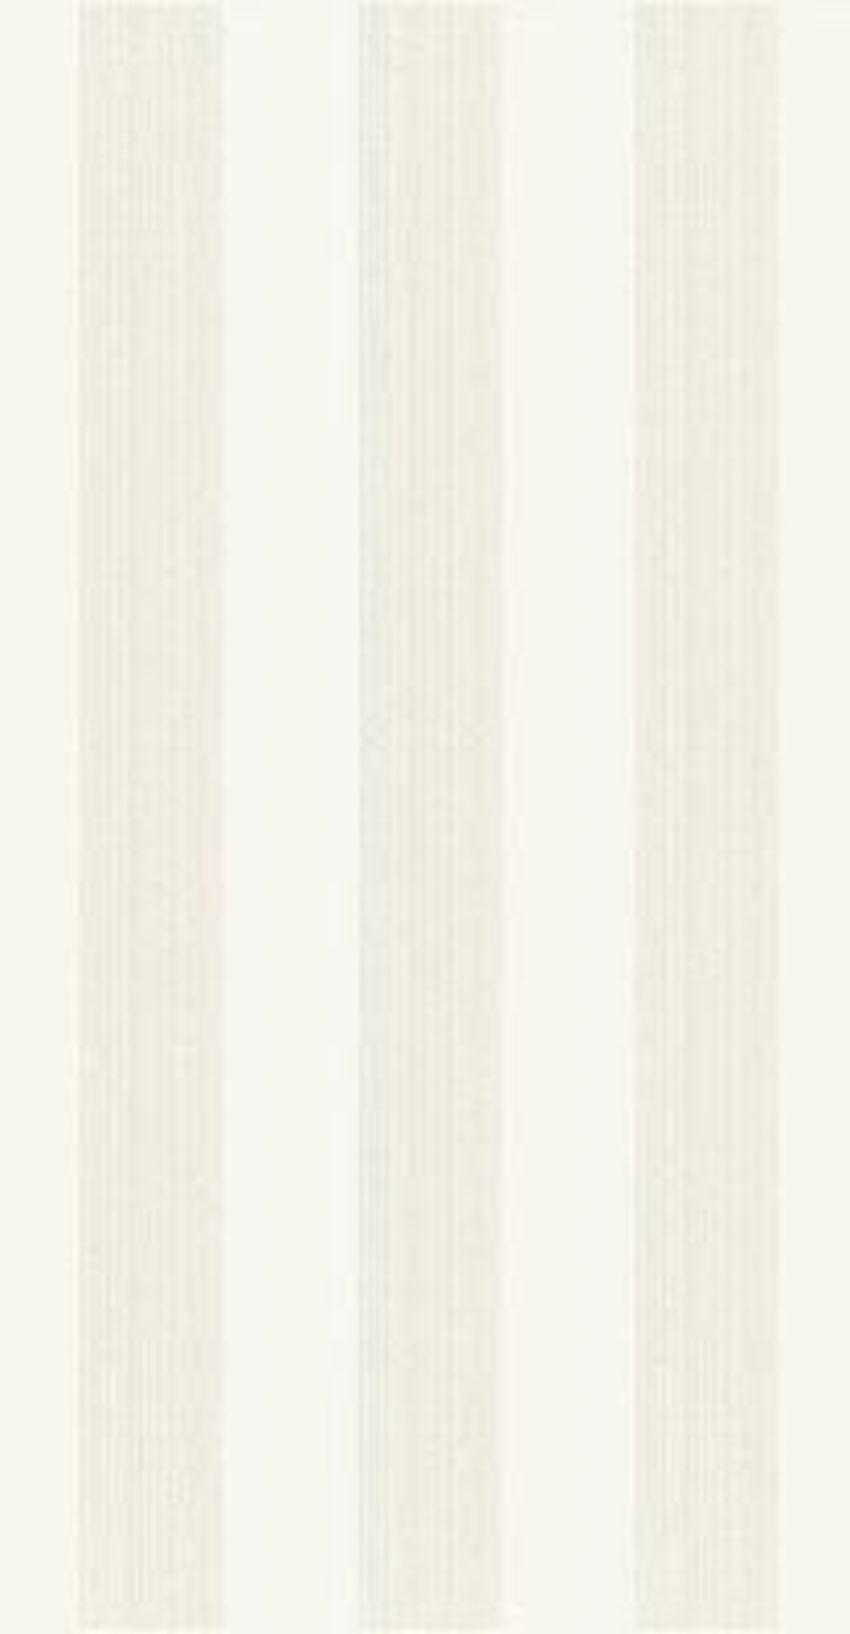 Dekoracja ścienna Paradyż Bellicita Bianco Inserto Stripes